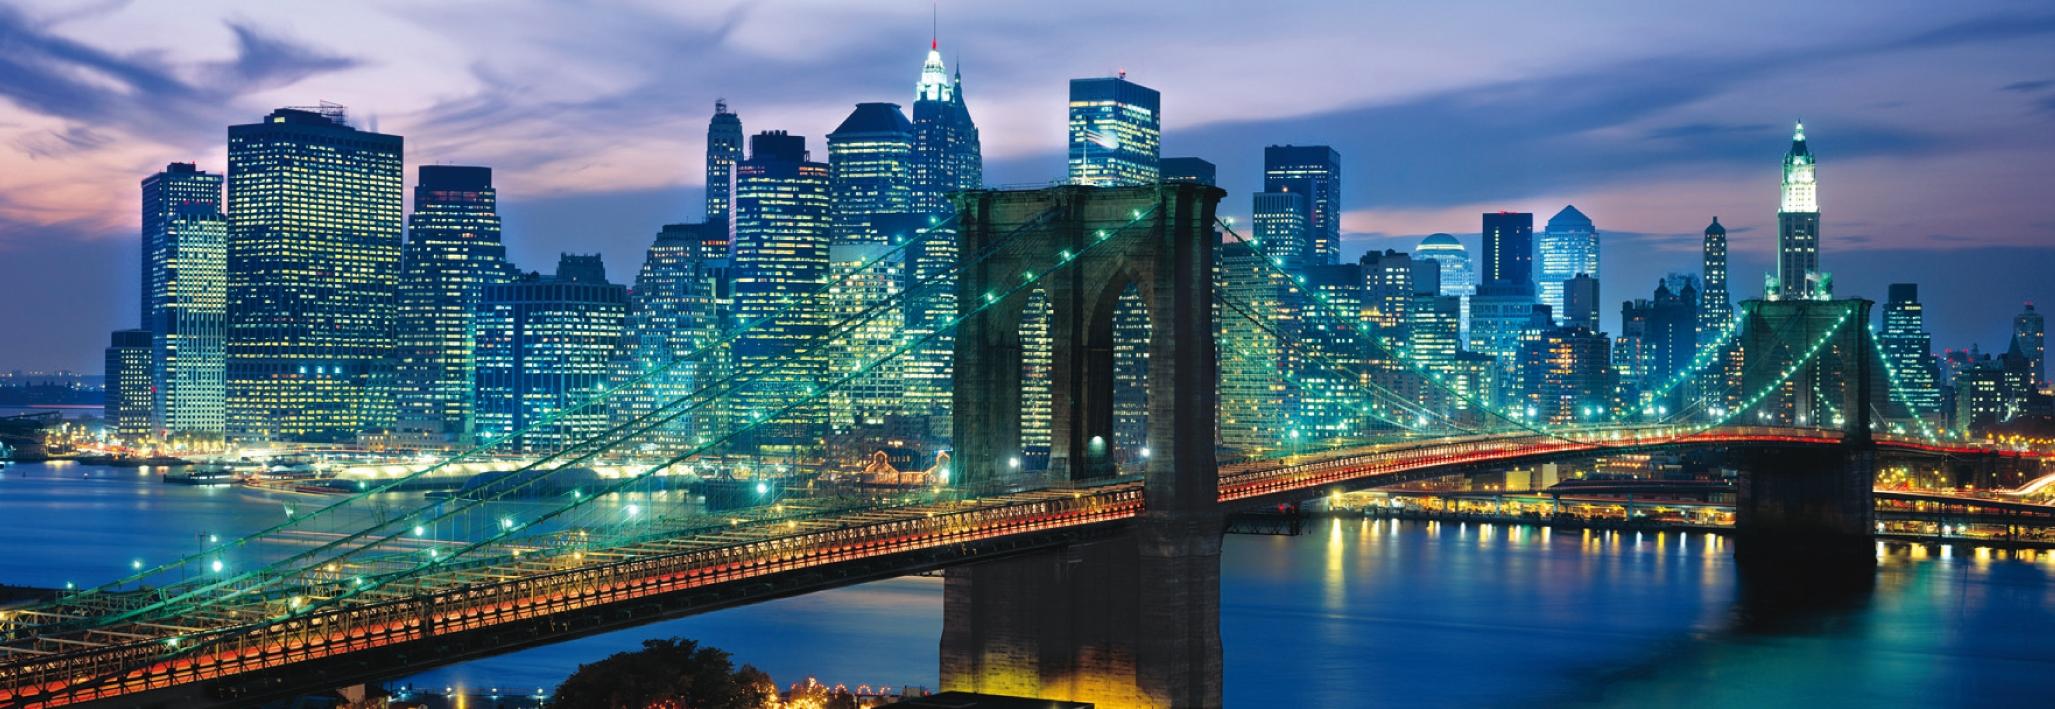 Puzzle Clementoni New York, Puente de Brooklyn de 1000 Piezas